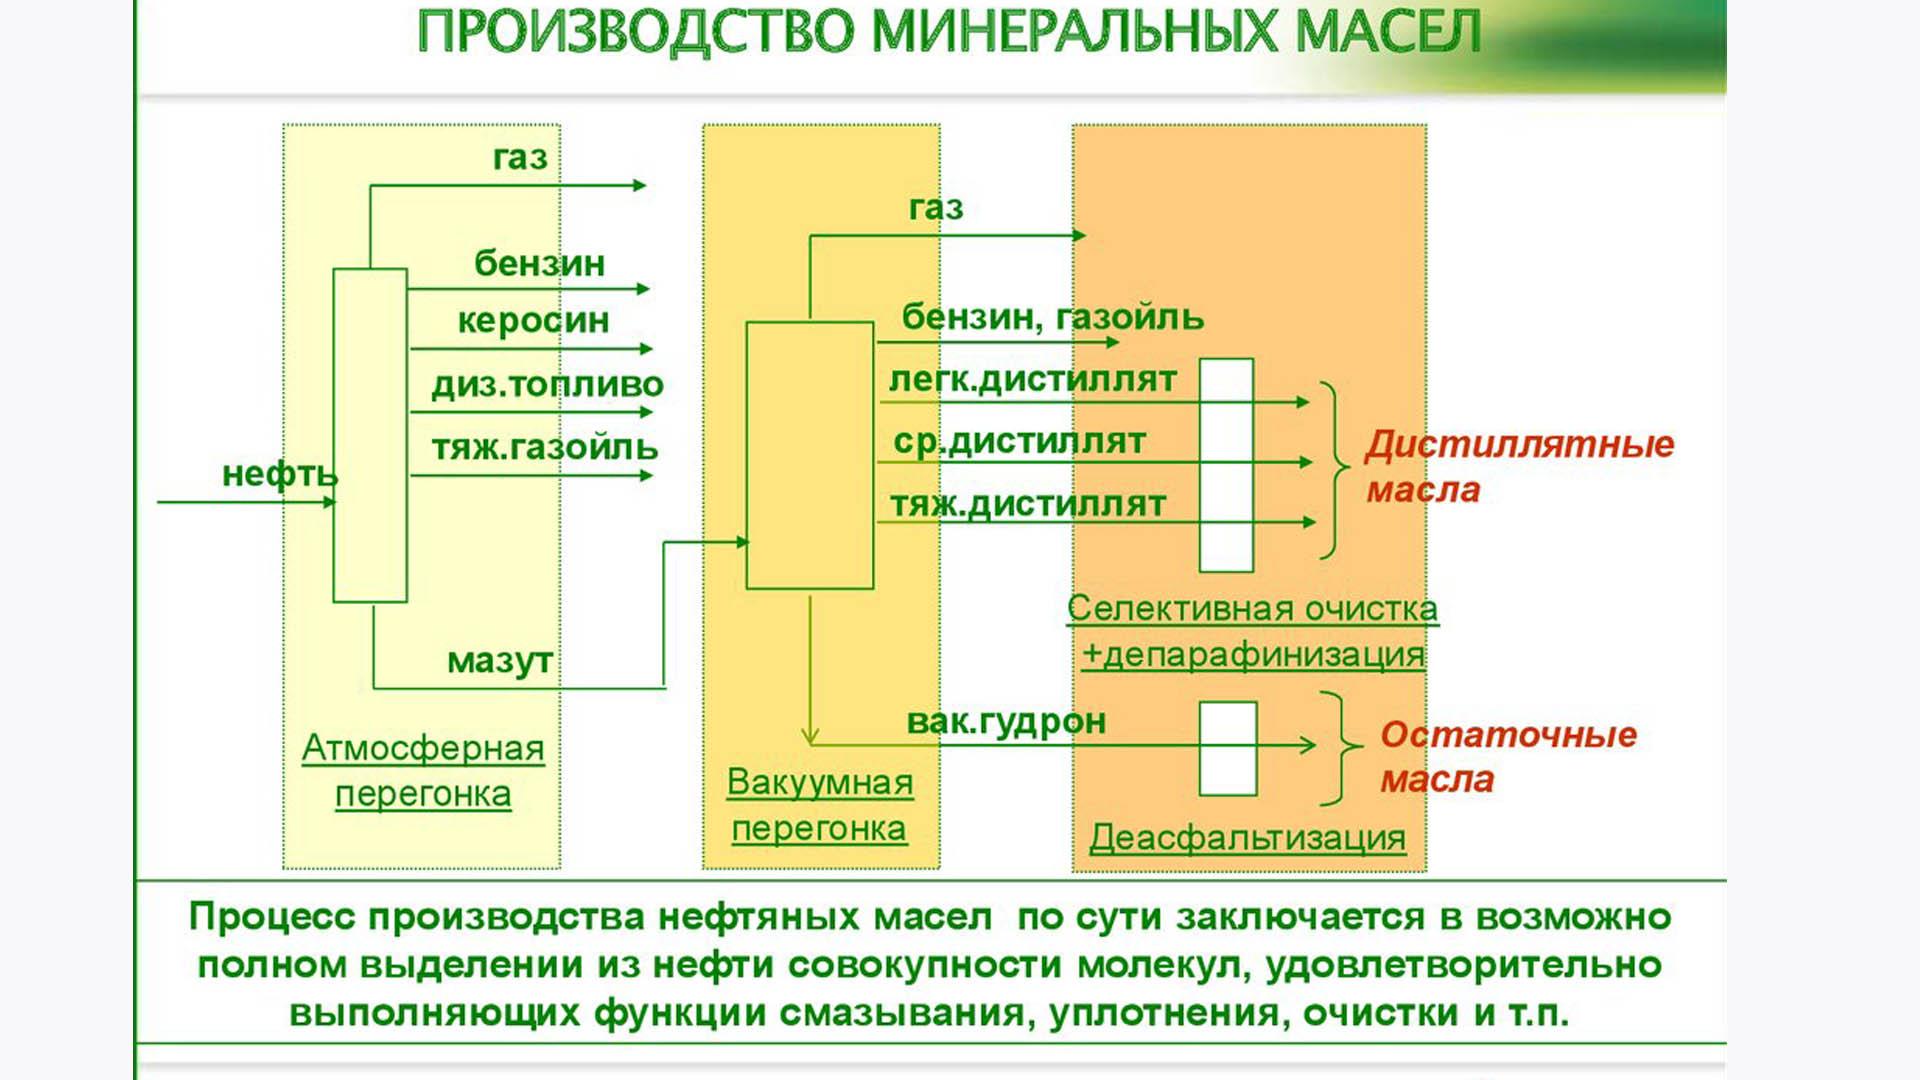 Производство минеральных масел